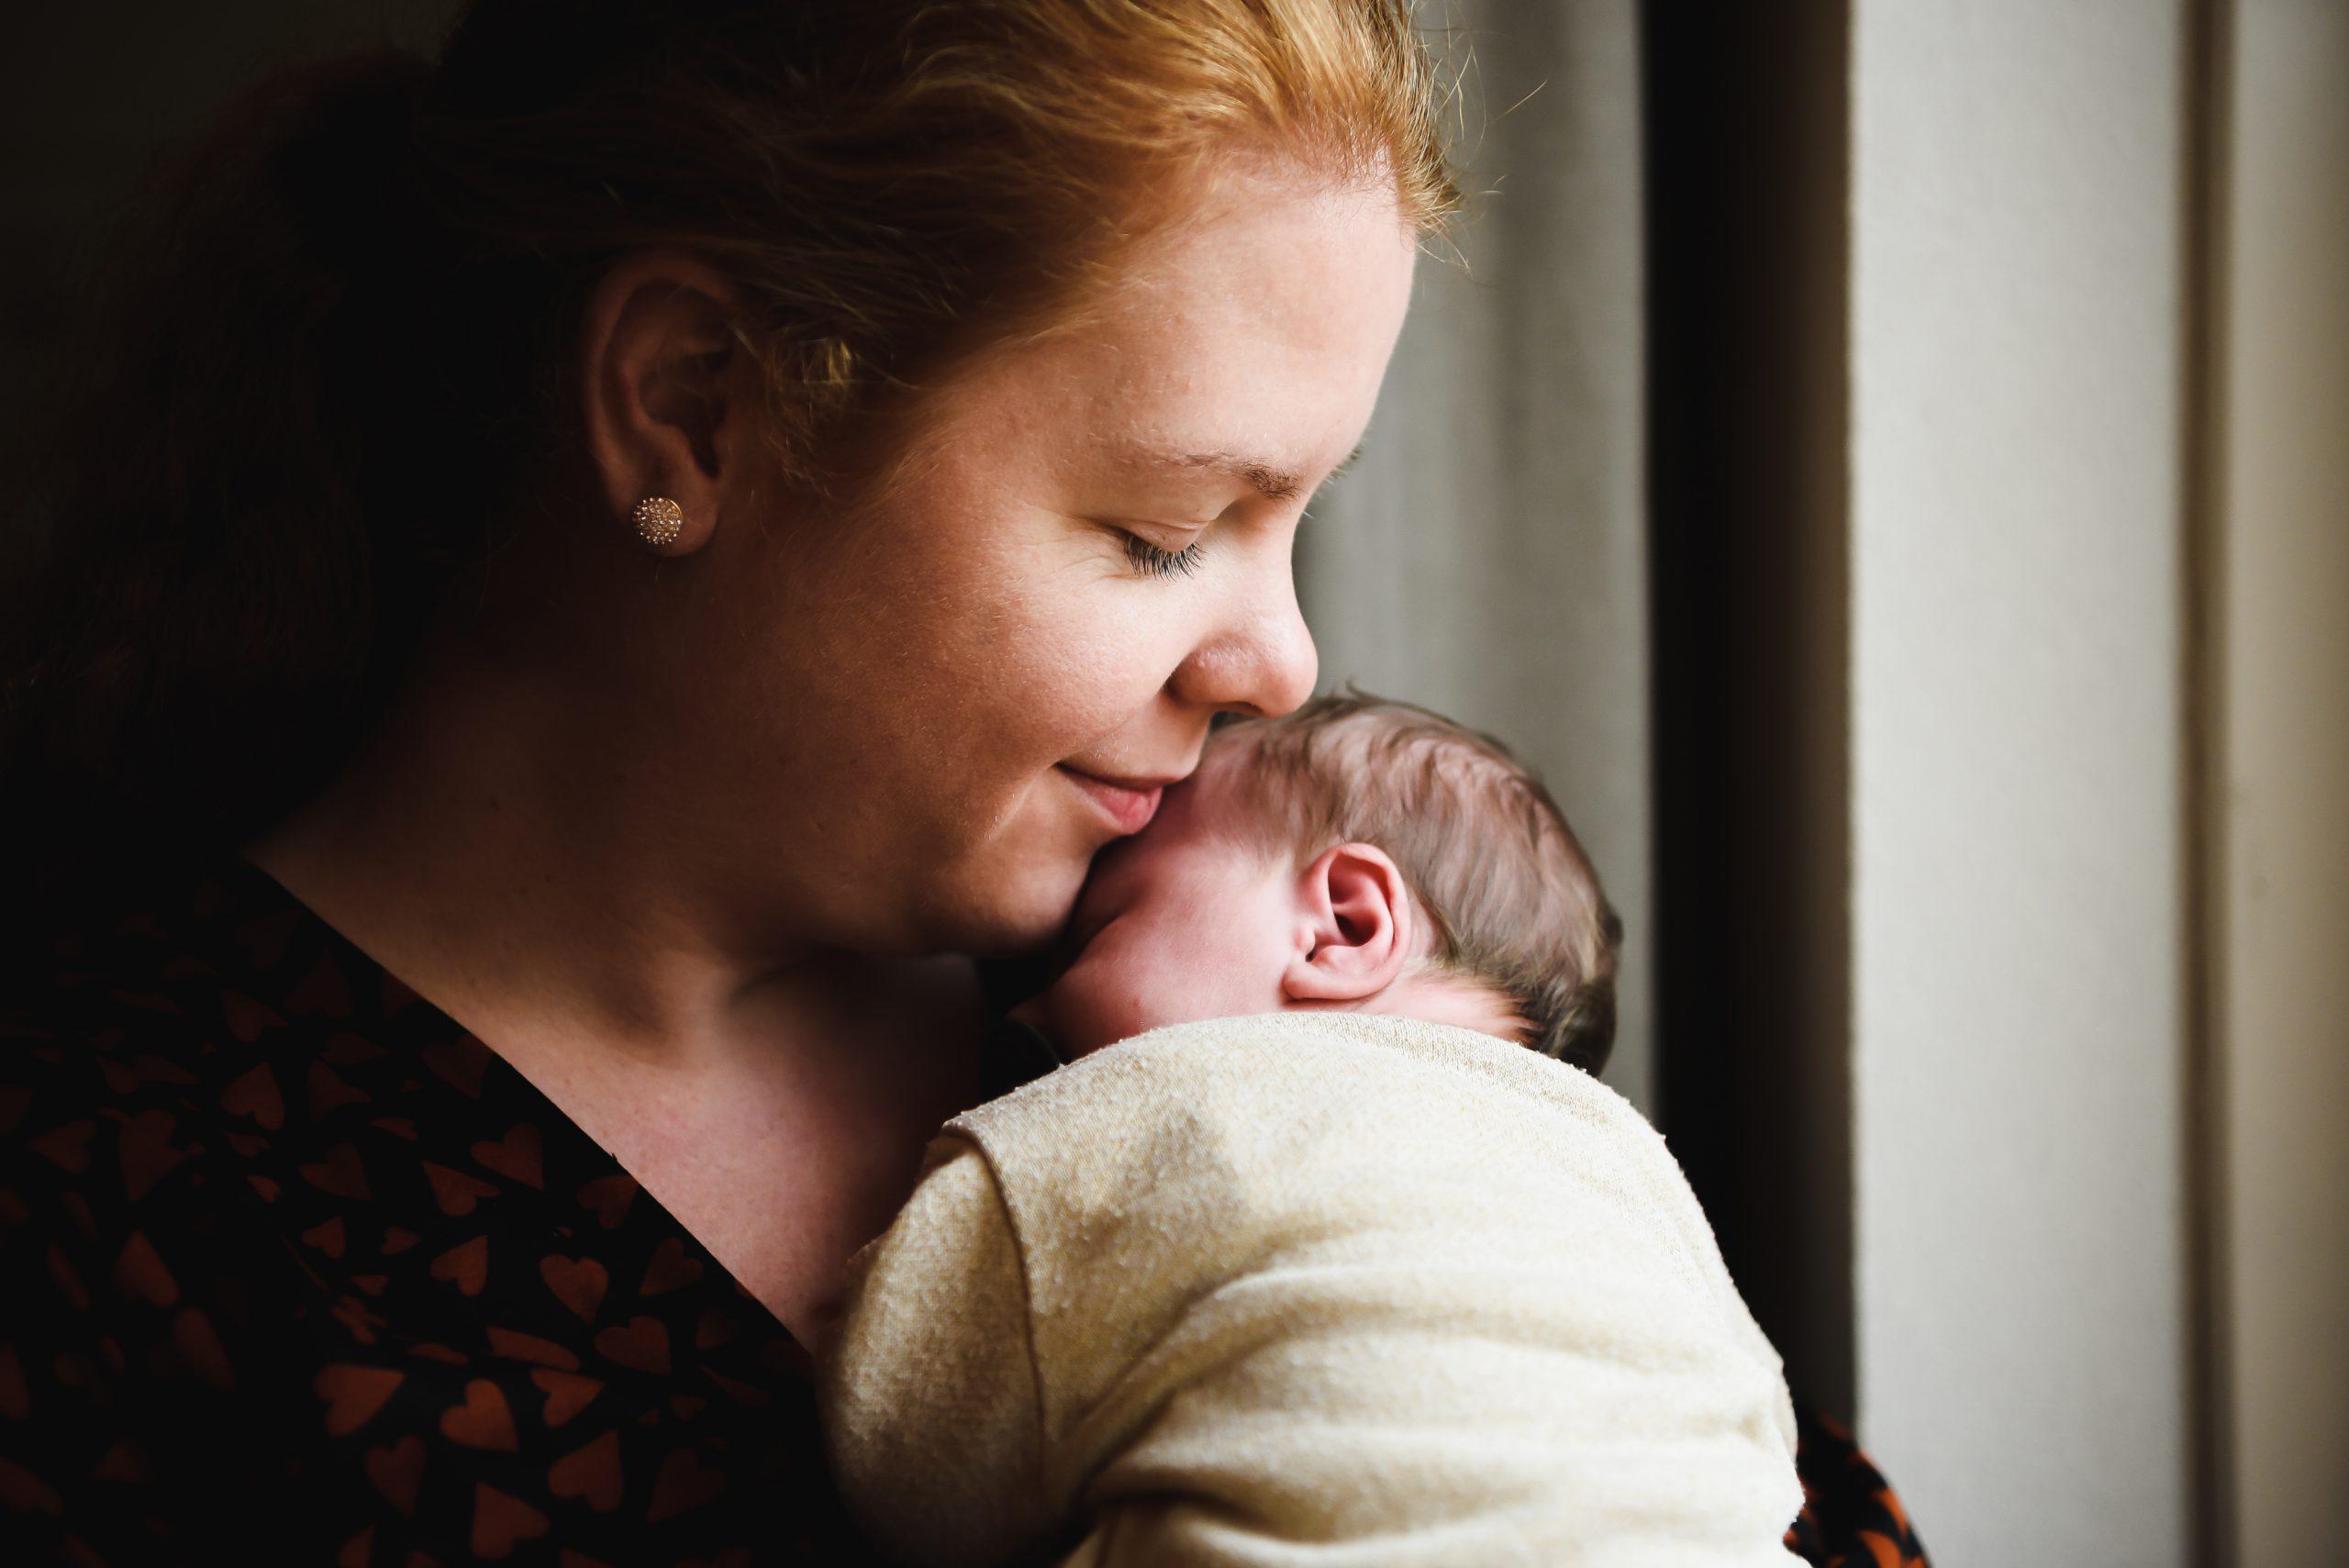 moeder en dochter, newborn, jong gezin, teder, liefde voor je kind, voor het eerst moeder, familiefotograaf Assen, gezinsfotograaf Assen, familie fotograaf Assen, familie fotograaf Drenthe